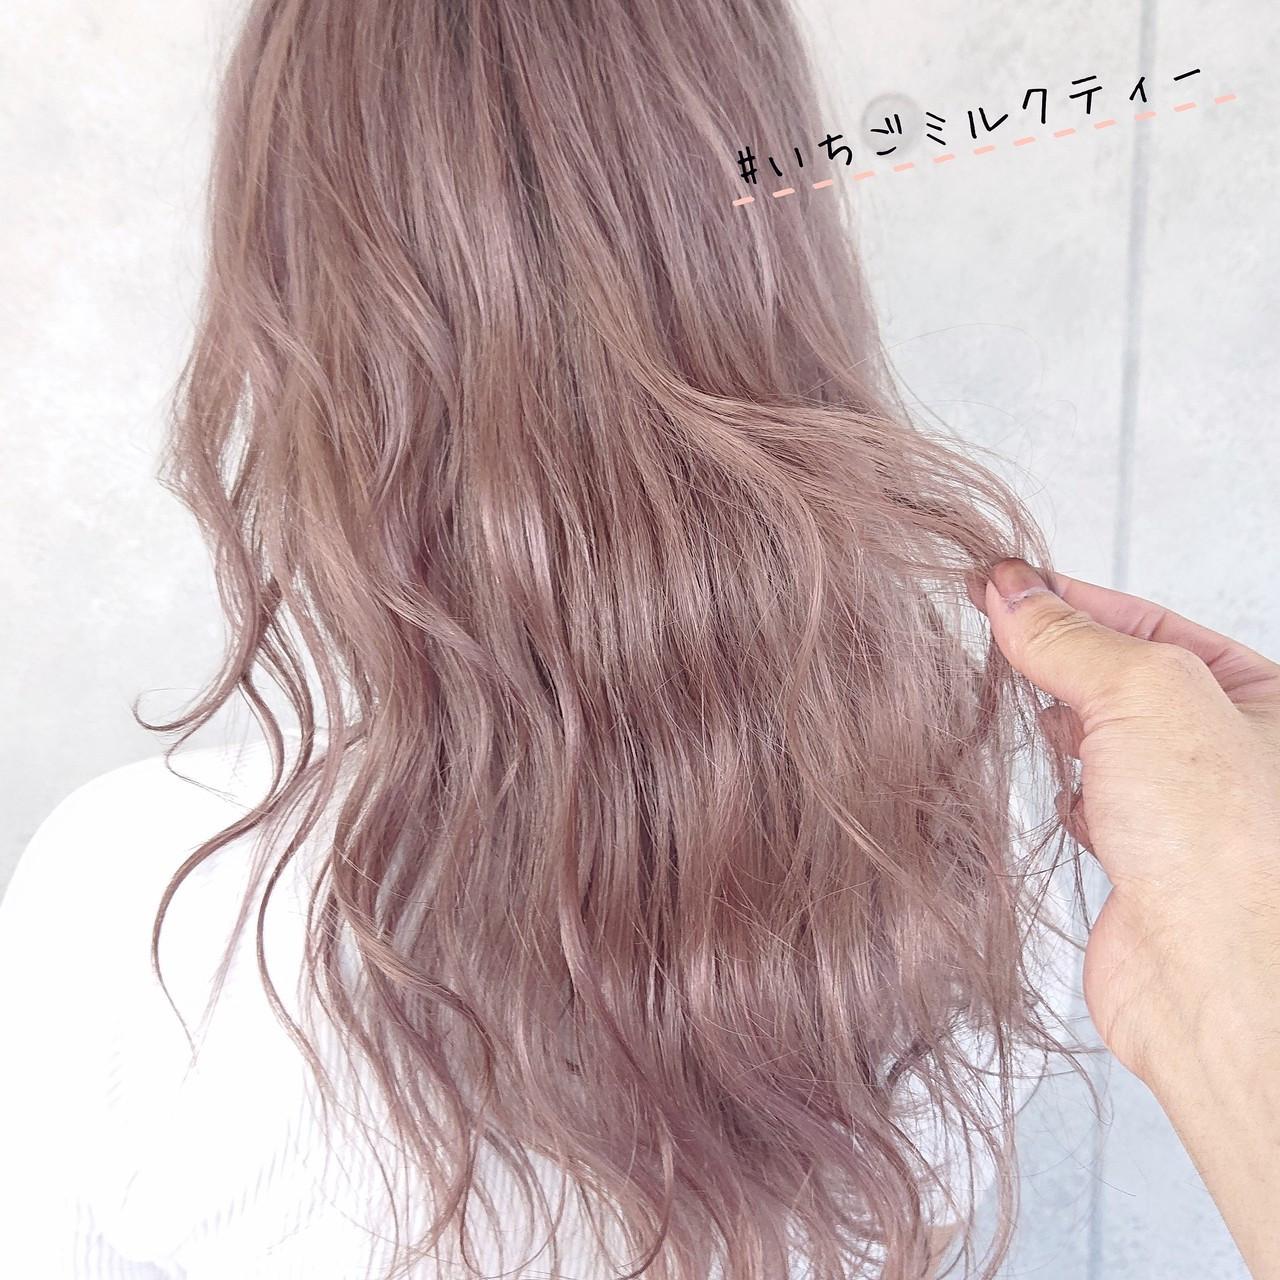 ガーリー ヘアカラー ミルクティー ピンク ヘアスタイルや髪型の写真・画像